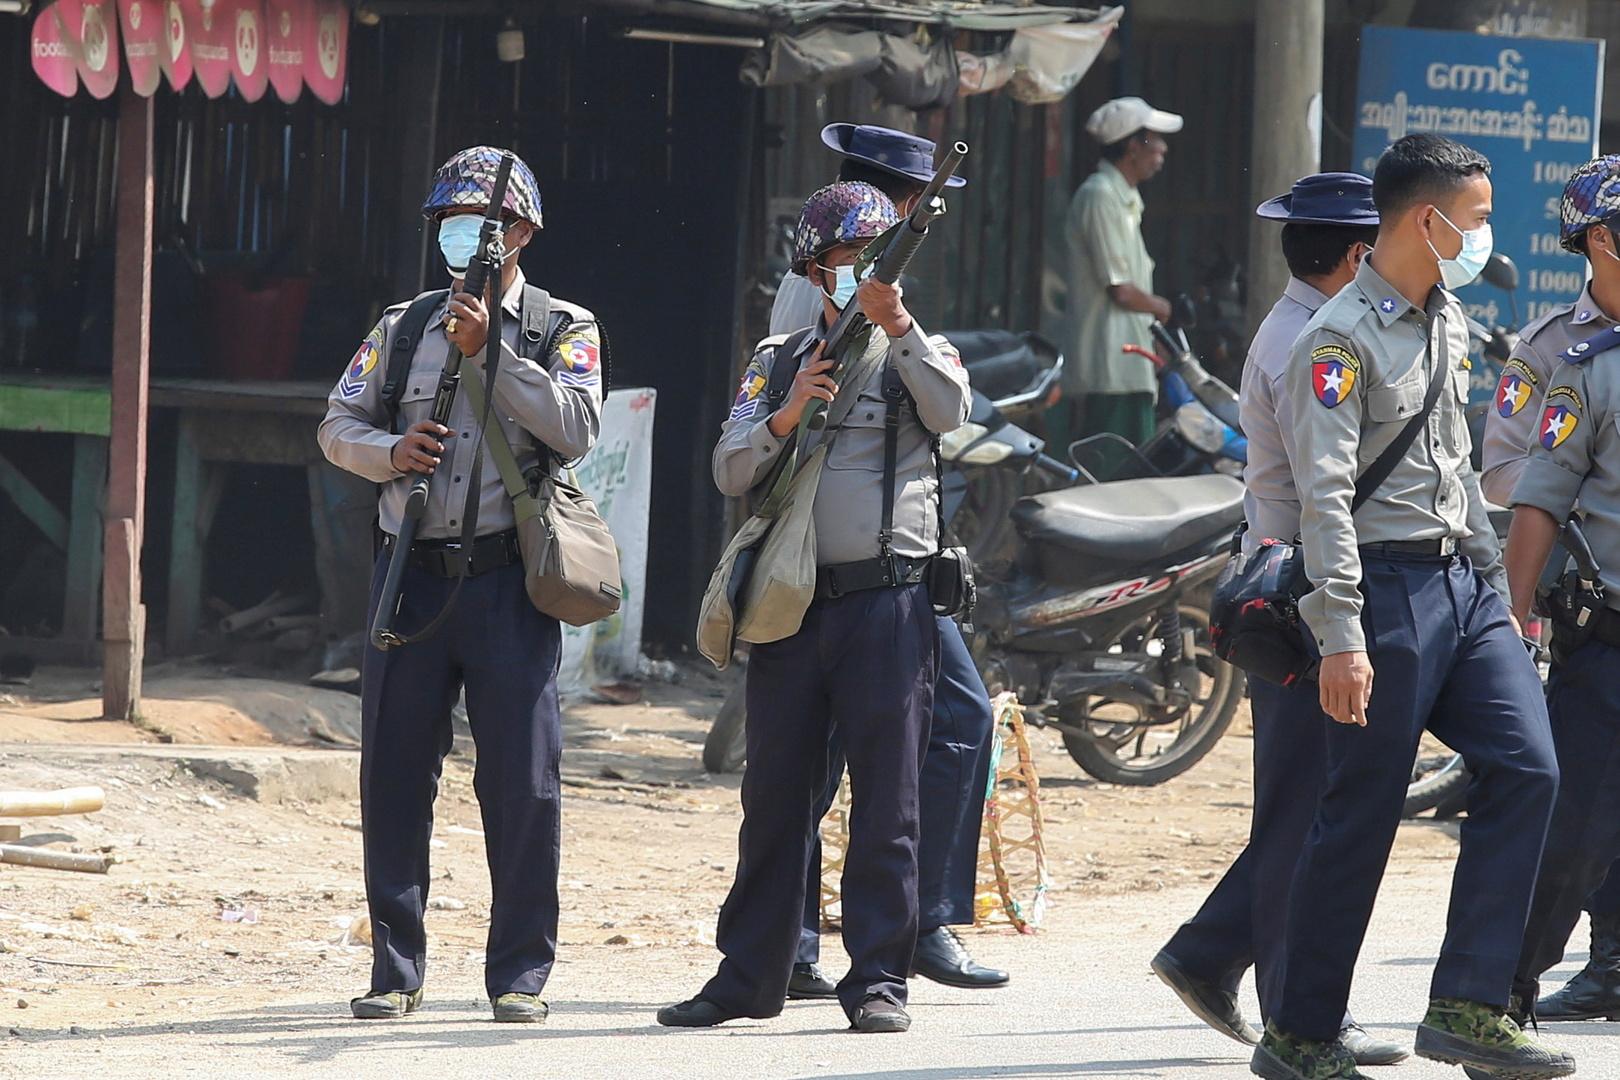 الأمم المتحدة تدعو لعدم الاعتراف بالسلطات العسكرية في ميانمار